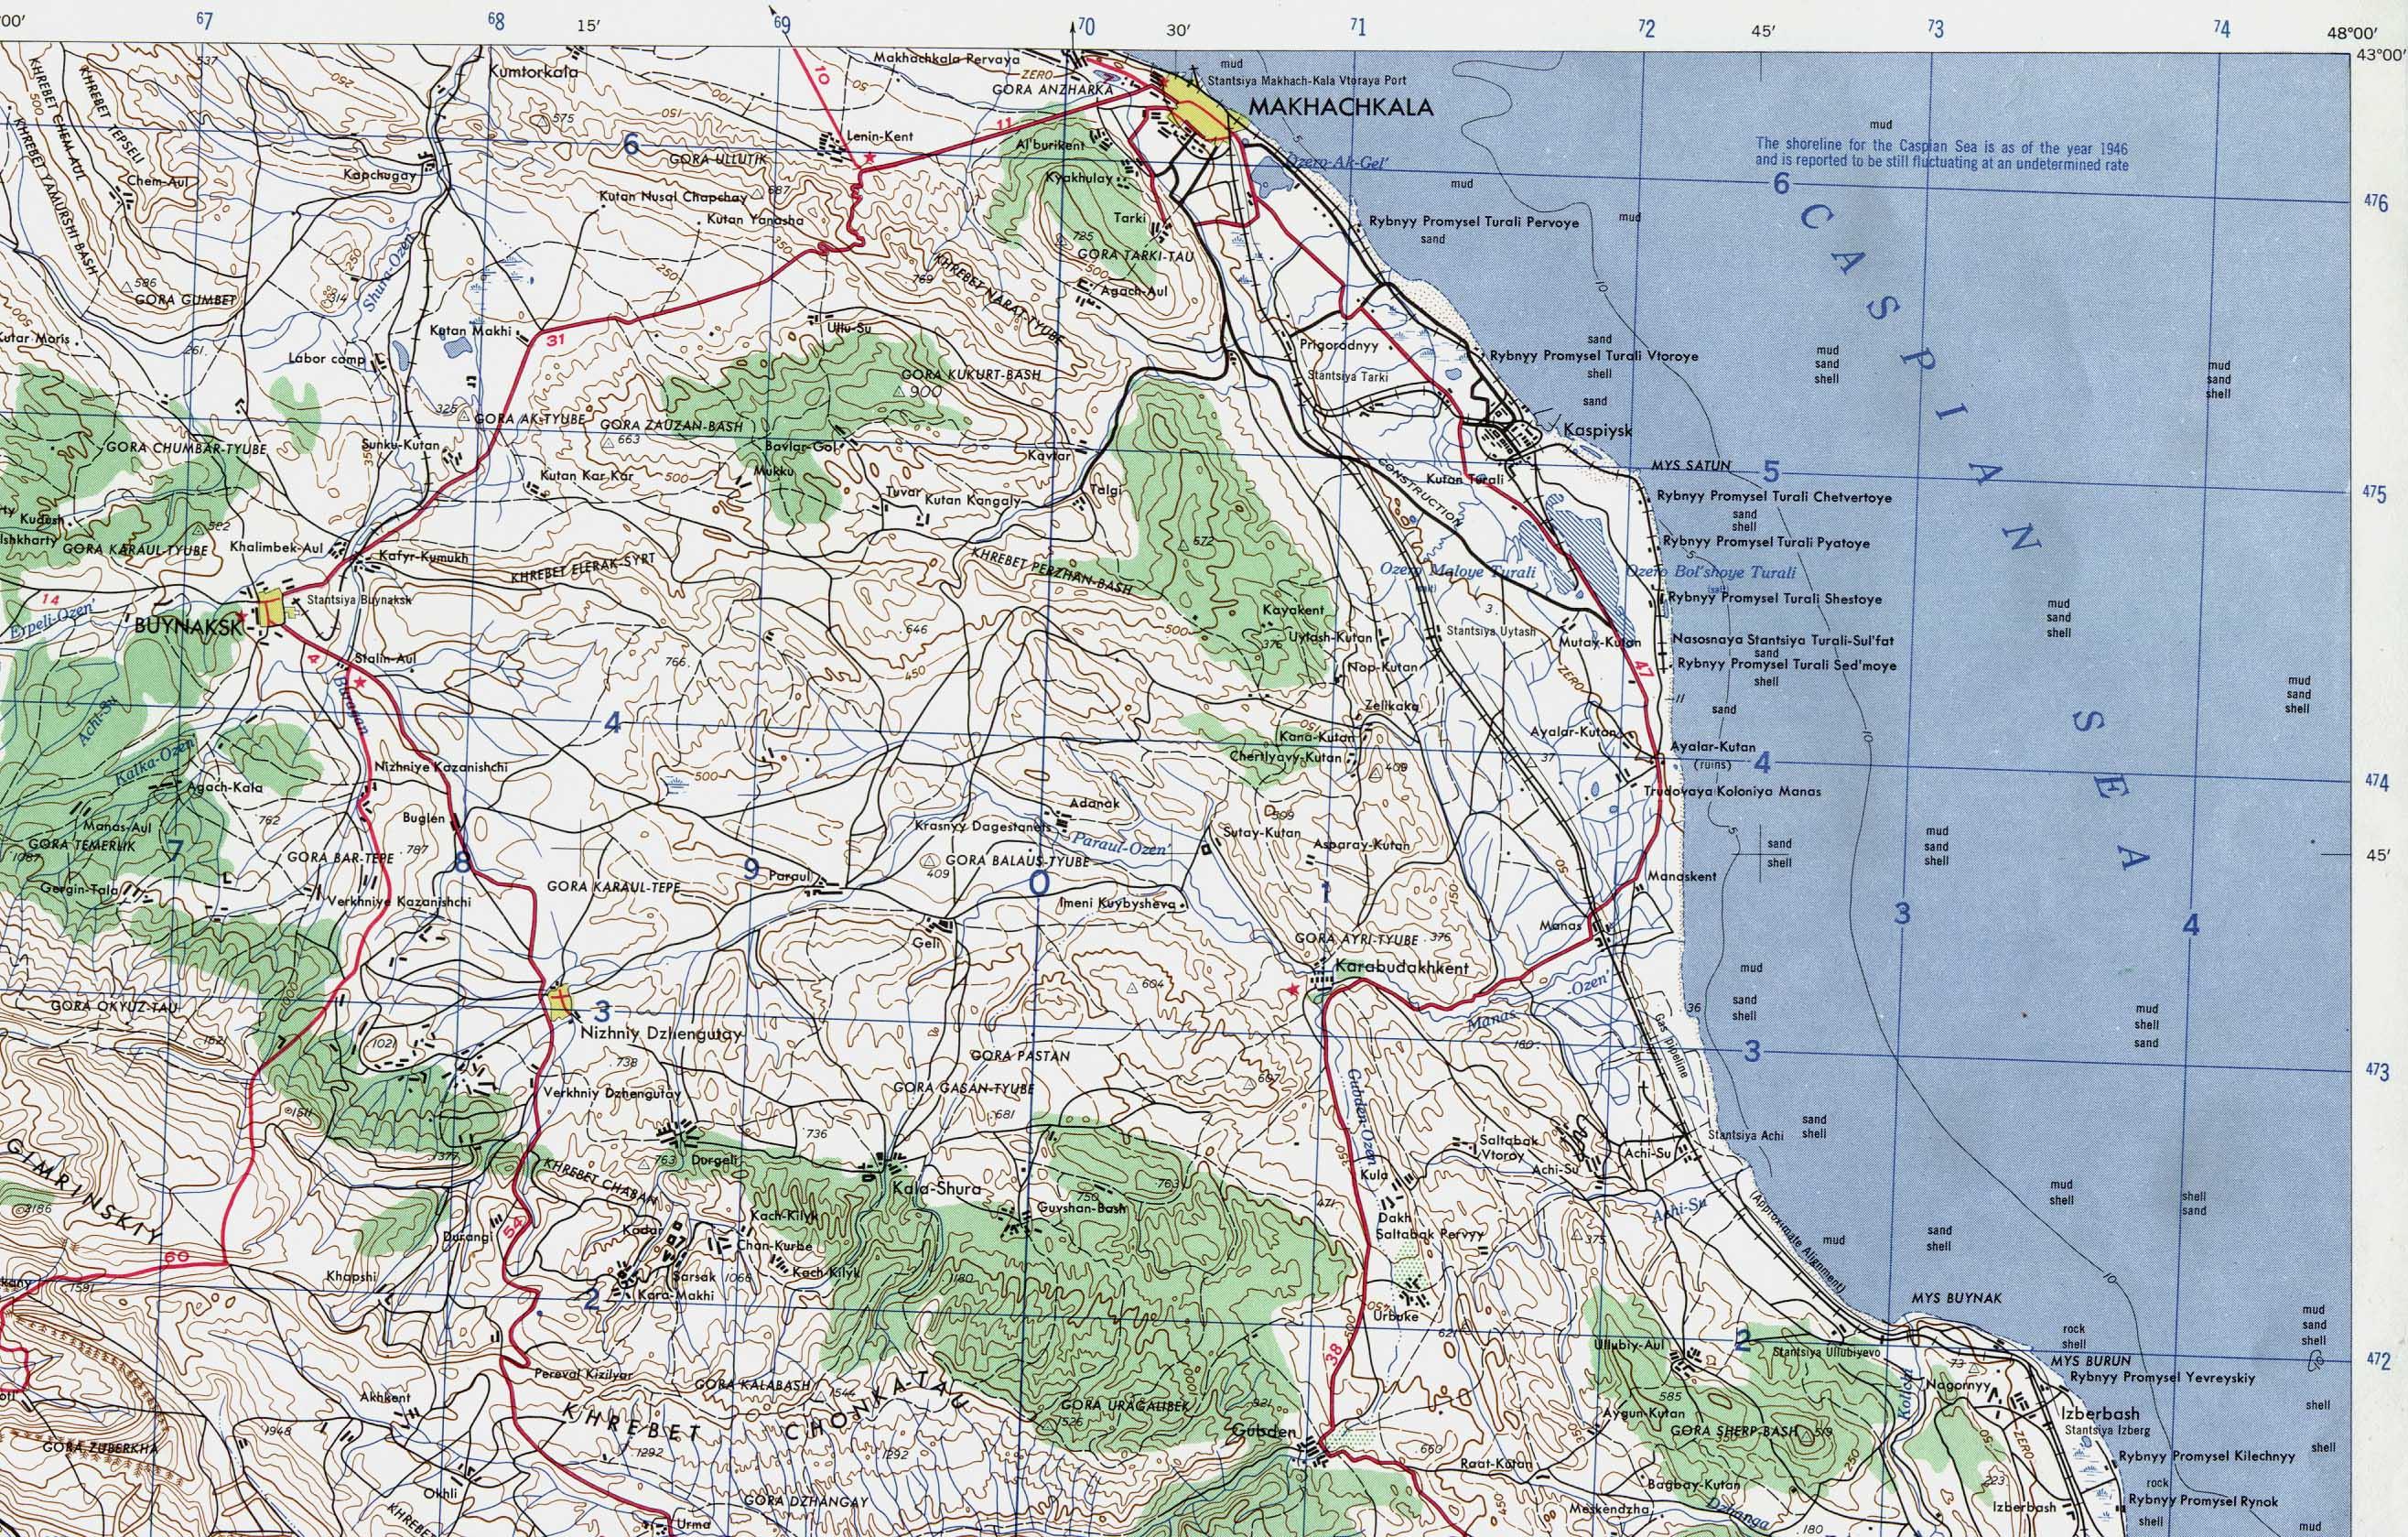 Mapa Topográfico de la Región de Majachkalá, Daguestán, Rusia 1958